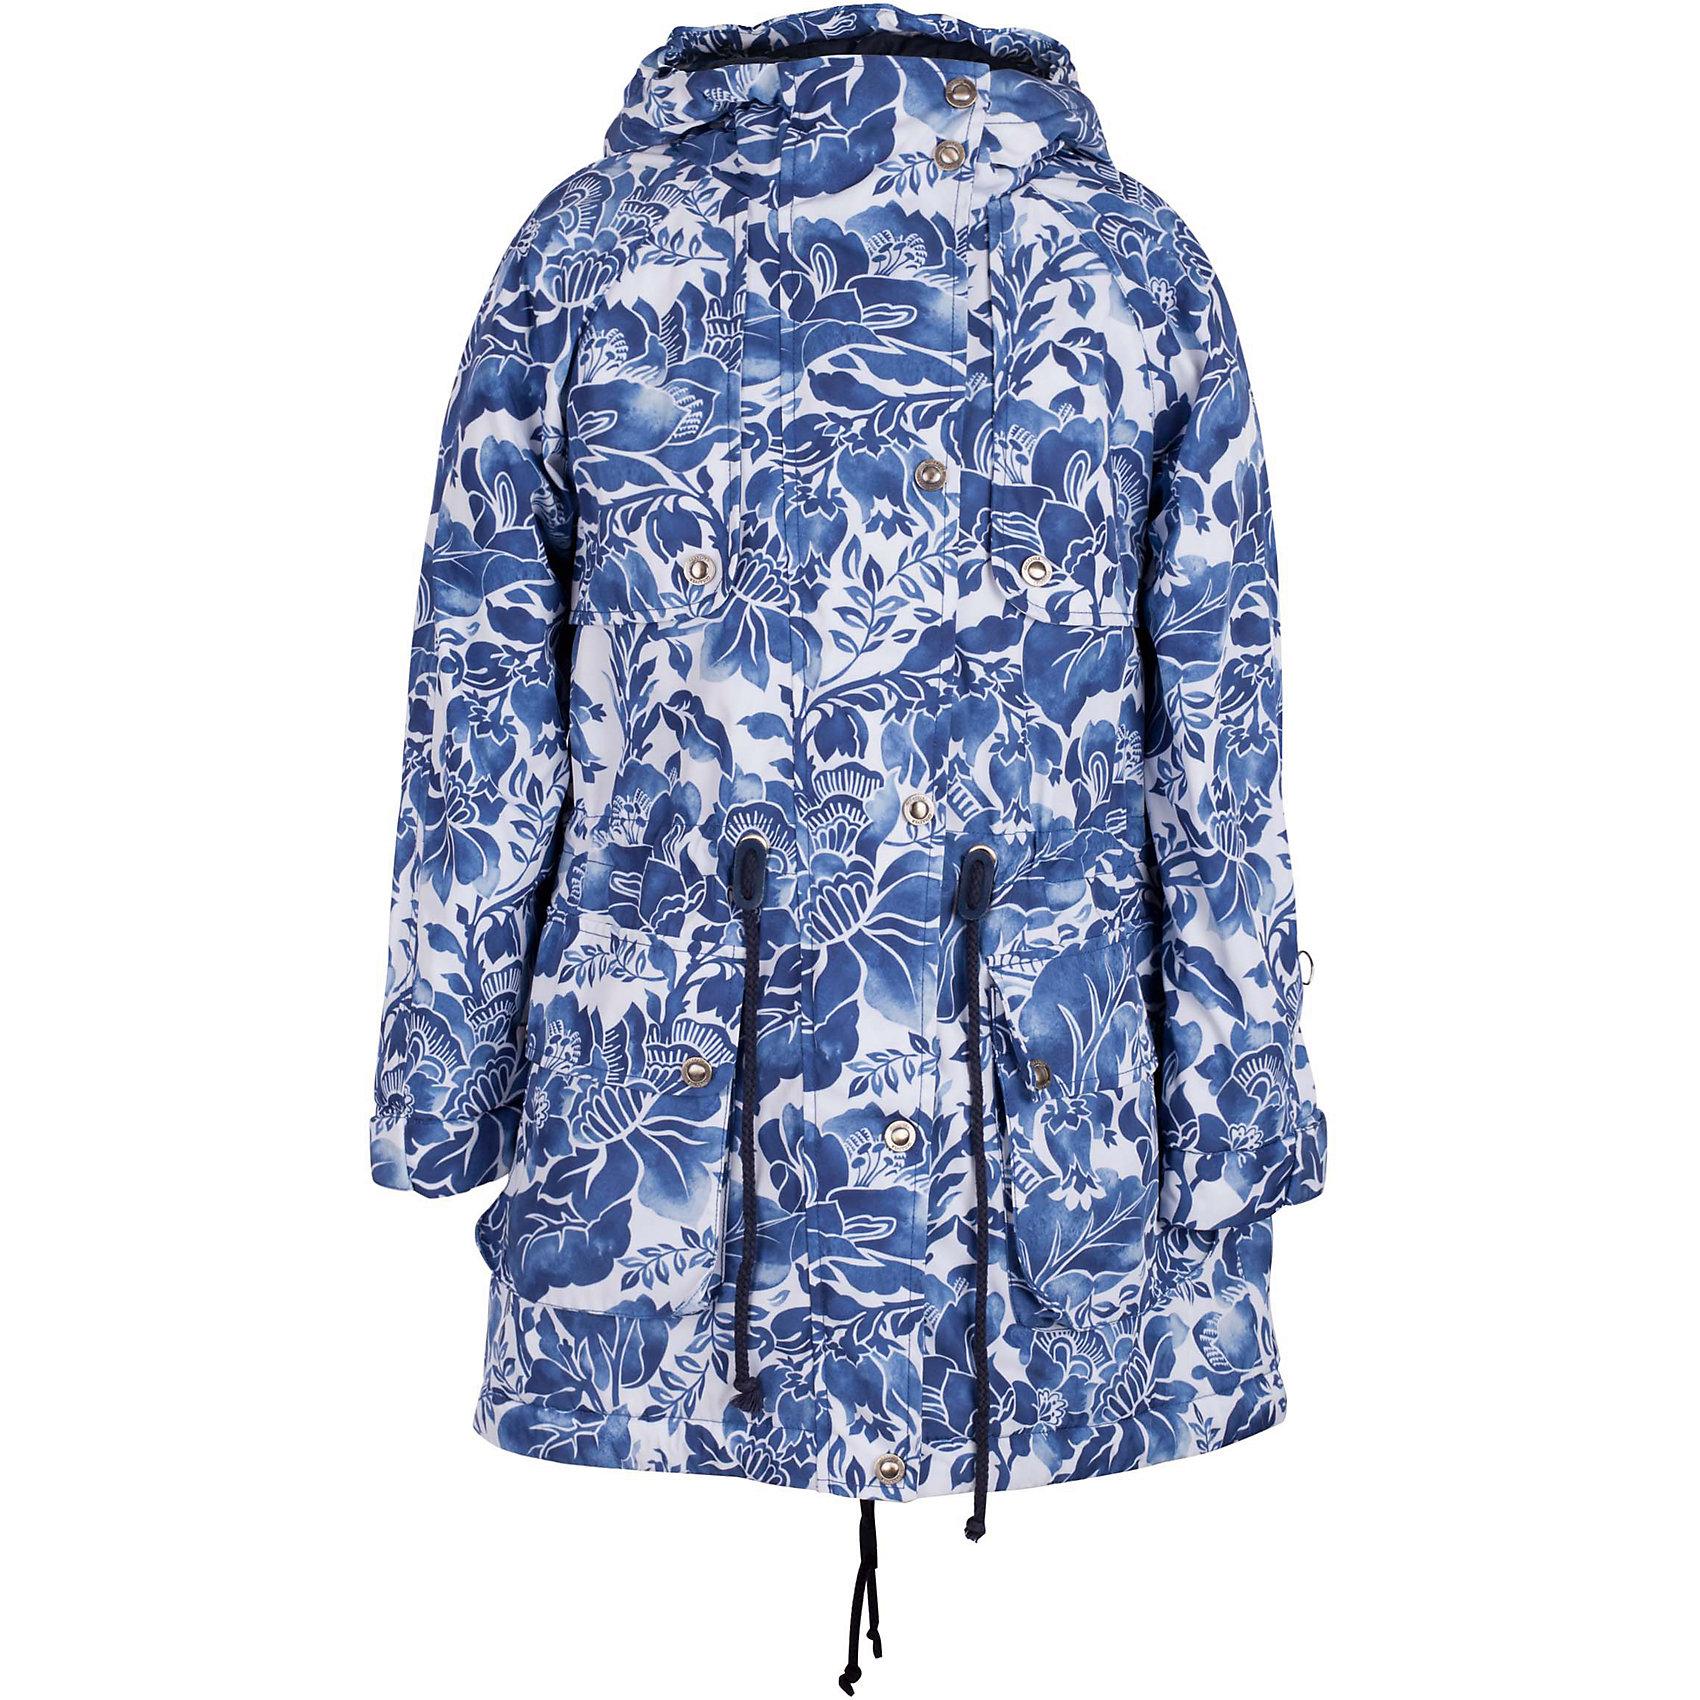 Полупальто для девочки GulliverВерхняя одежда<br>Купить детское полупальто для весны, значит, позаботиться о комфорте ребенка в период межсезонья, когда уже так хочется одеться легко и ярко, но погода еще бывает весьма обманчива. Классное утепленное  полупальто с рисунком создает настроение, притягивая солнечные лучи и восхищенные взгляды! Удобный крой, продуманные функциональные детали гарантируют комфорт и удобство в повседневной носке.<br>Состав:<br>верх:  100% полиэстер; подкладка: 100% полиэстер; утеплитель: 100% полиэстер<br><br>Ширина мм: 356<br>Глубина мм: 10<br>Высота мм: 245<br>Вес г: 519<br>Цвет: белый<br>Возраст от месяцев: 108<br>Возраст до месяцев: 120<br>Пол: Женский<br>Возраст: Детский<br>Размер: 140,128,122,134<br>SKU: 5484011